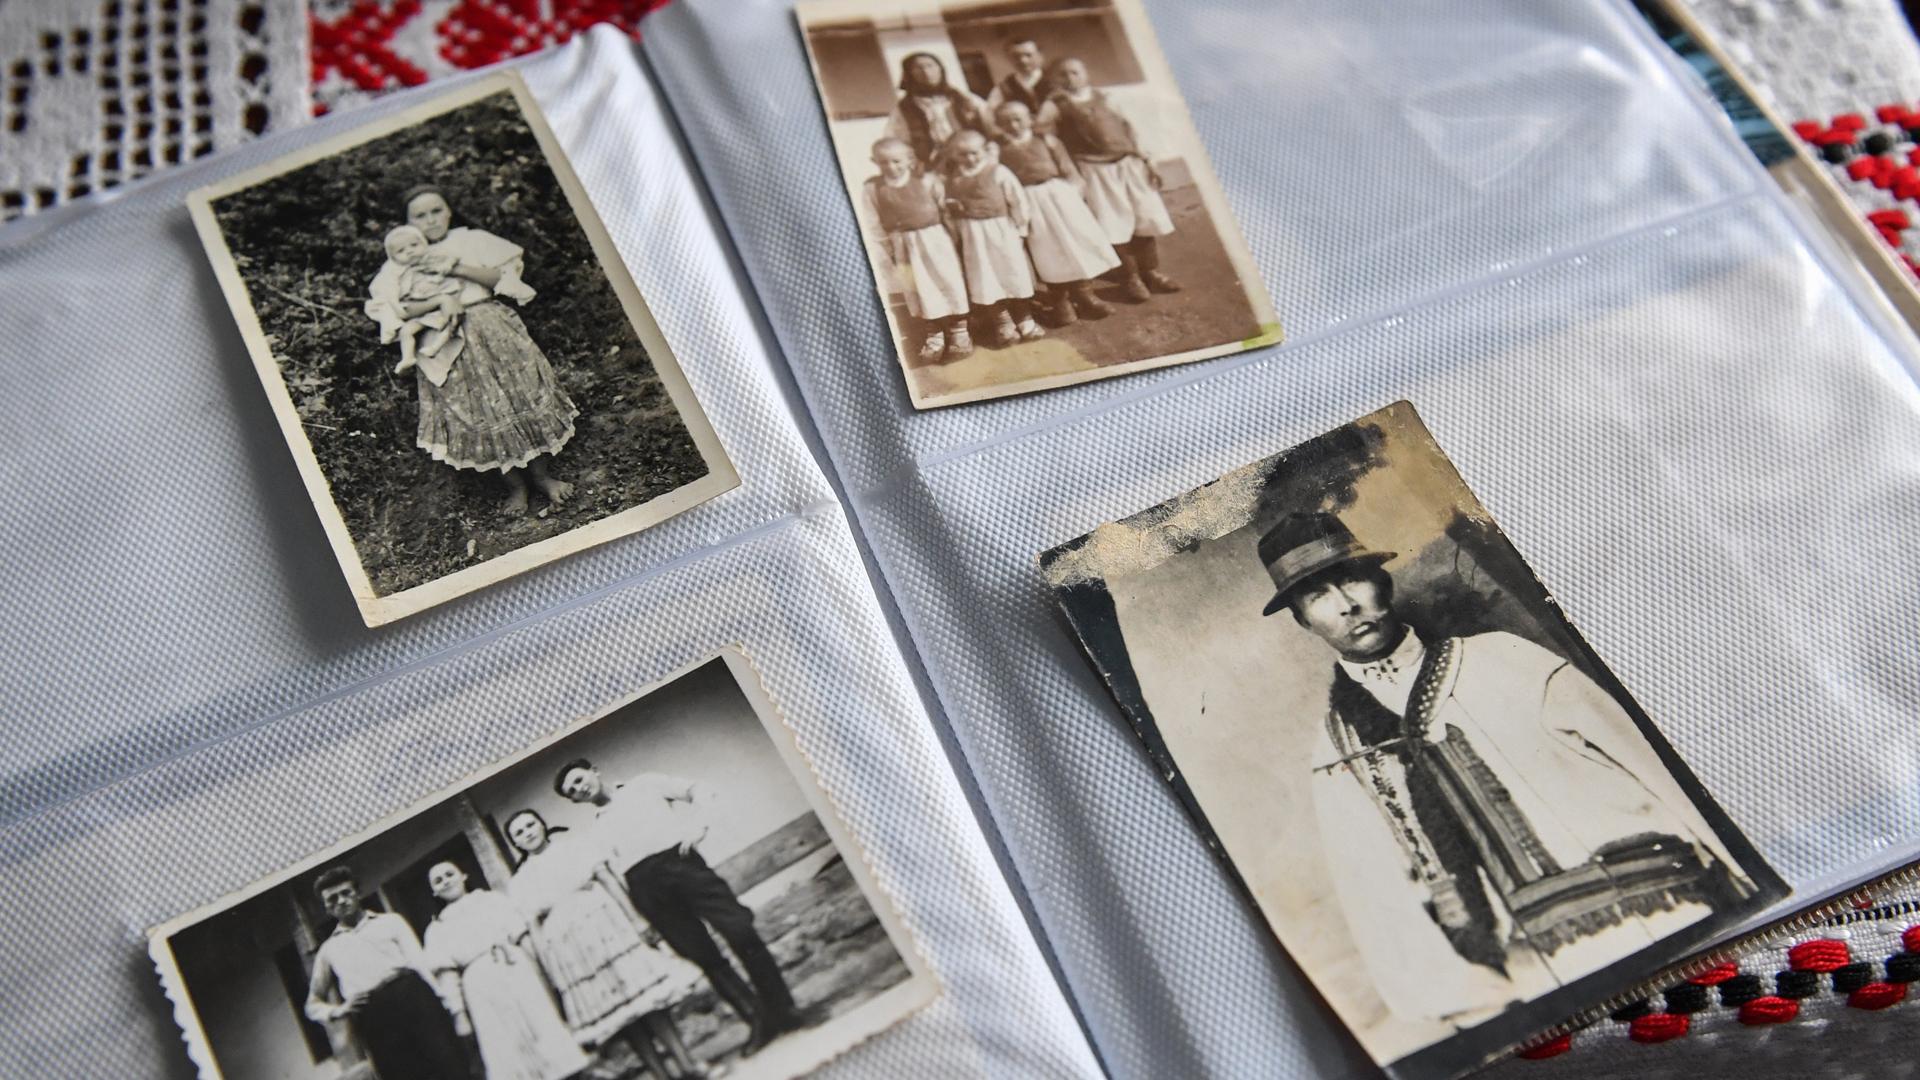 Fotos familiares de principios del siglo XX que muestran a personas vestidas con atuendos tradicionales de la región en mención.